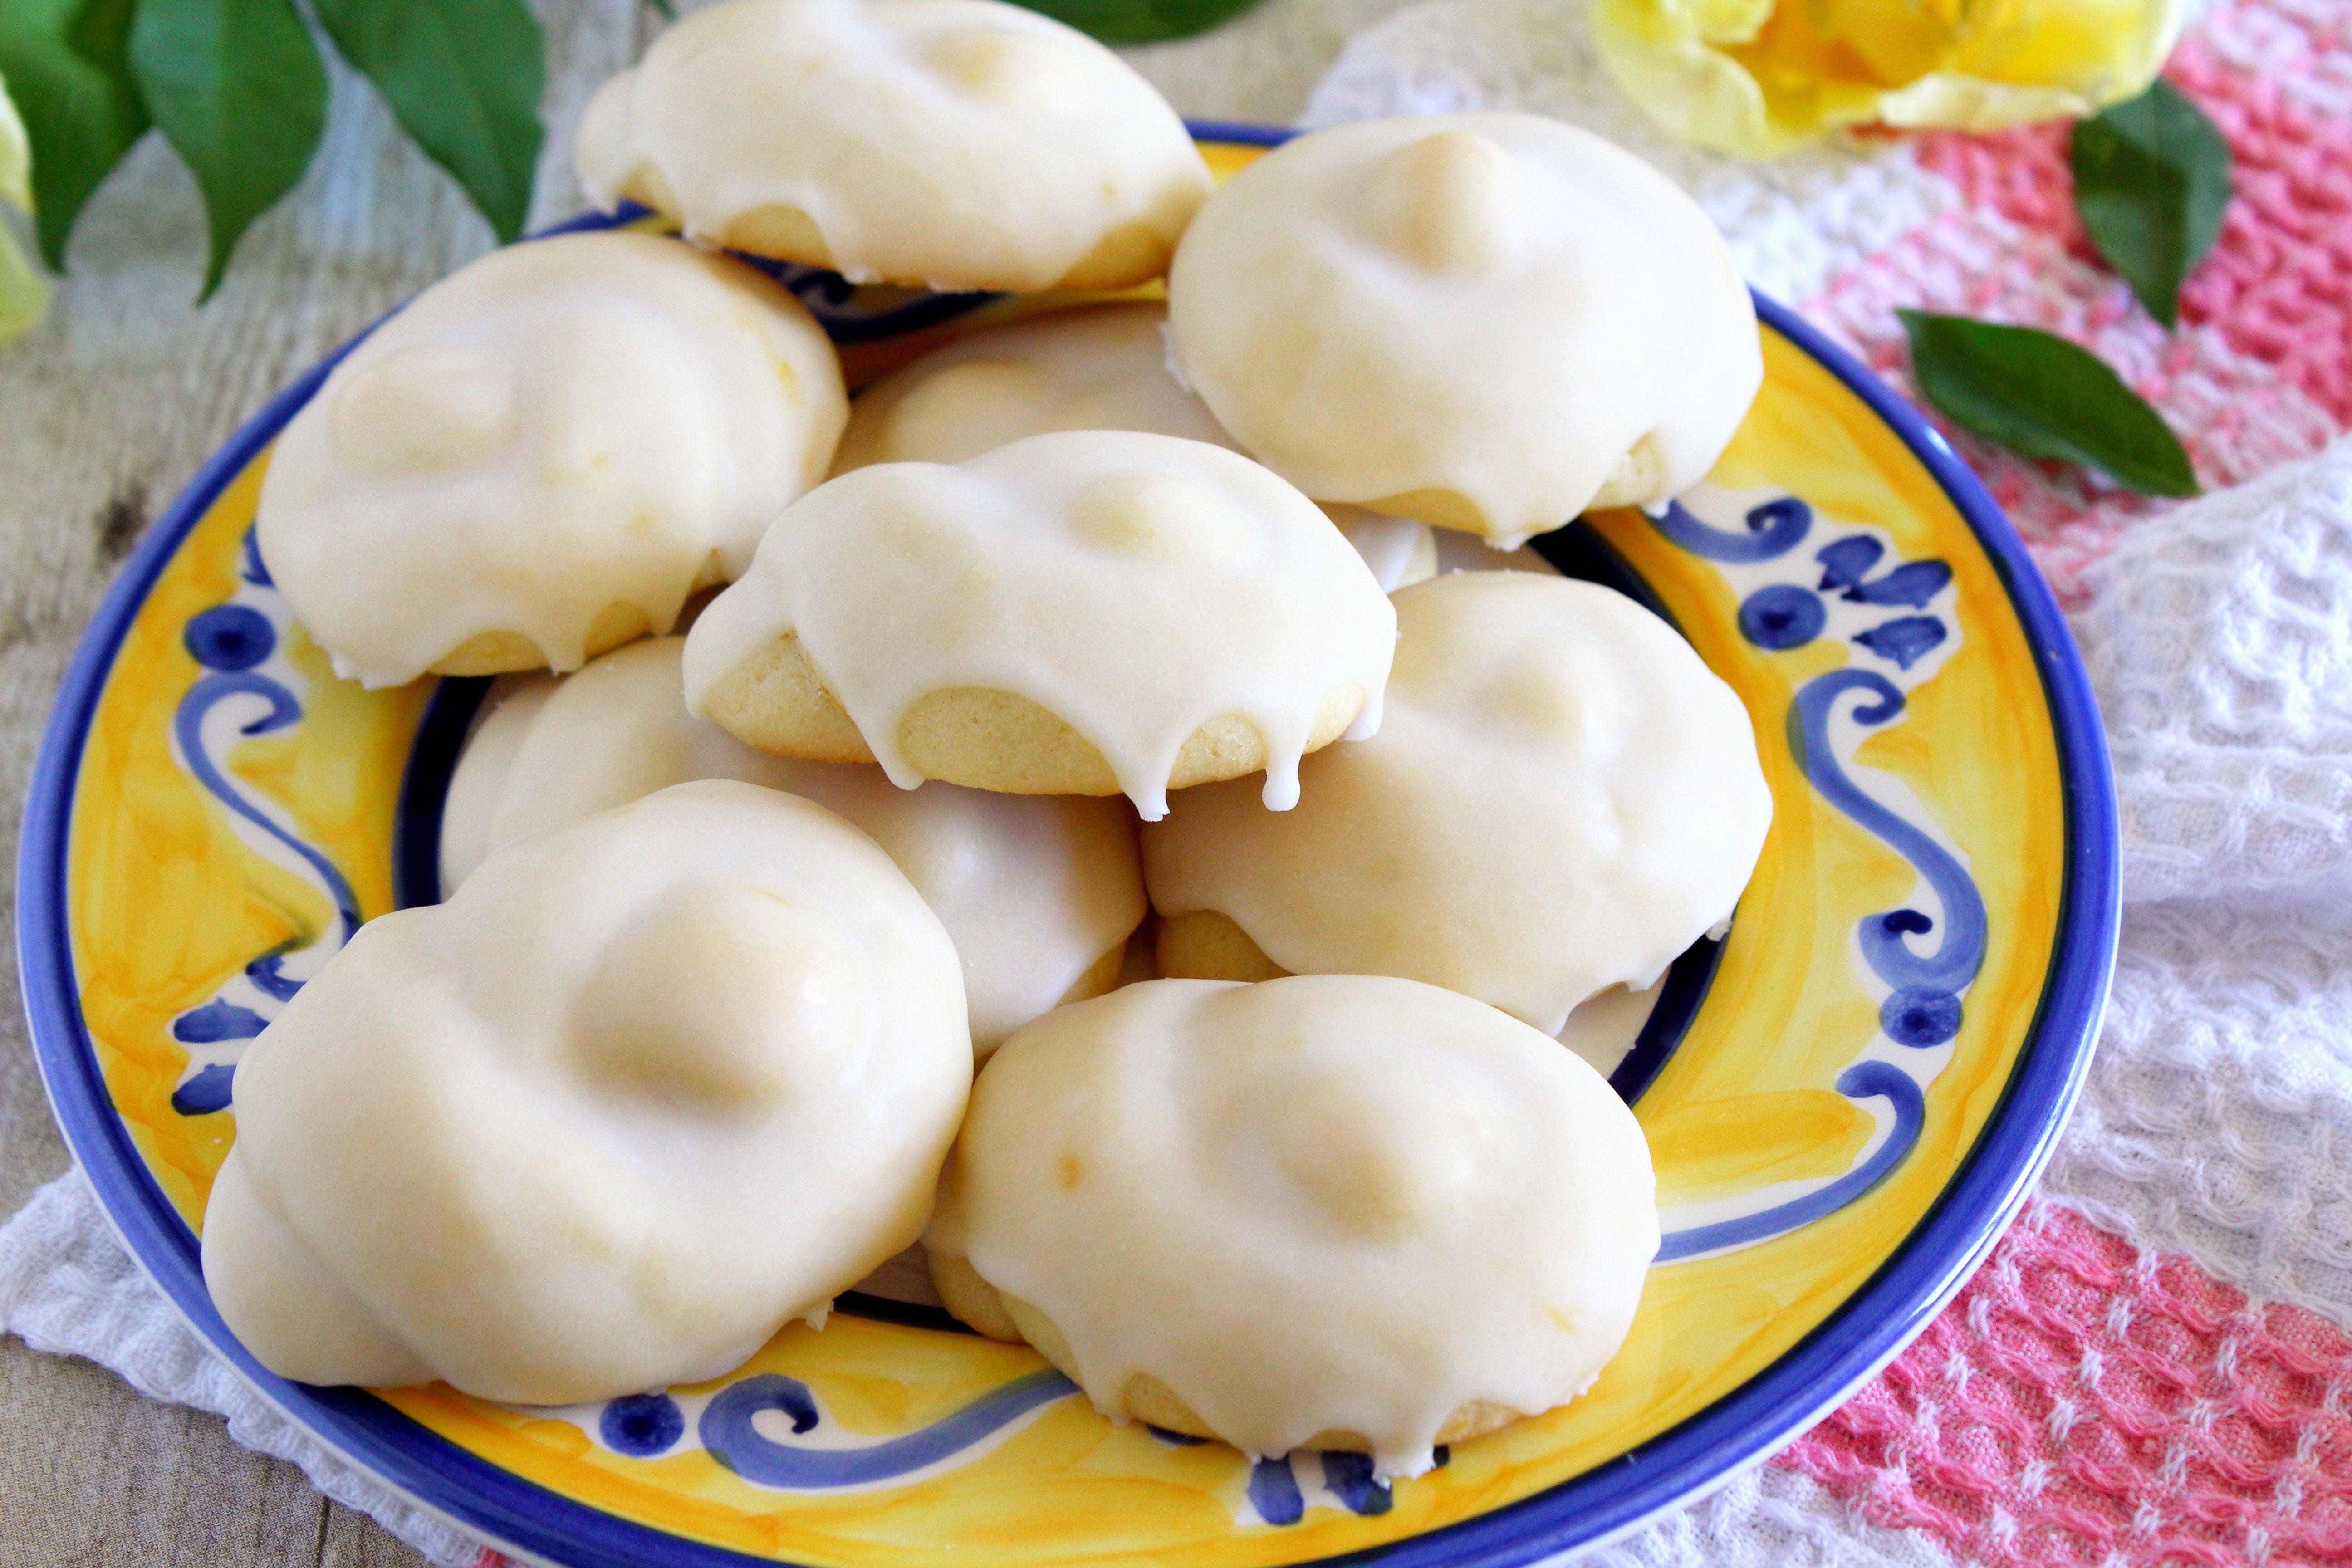 Taralluci al Limone | Cookies | Pinterest | Italian cookies, Lemon ...